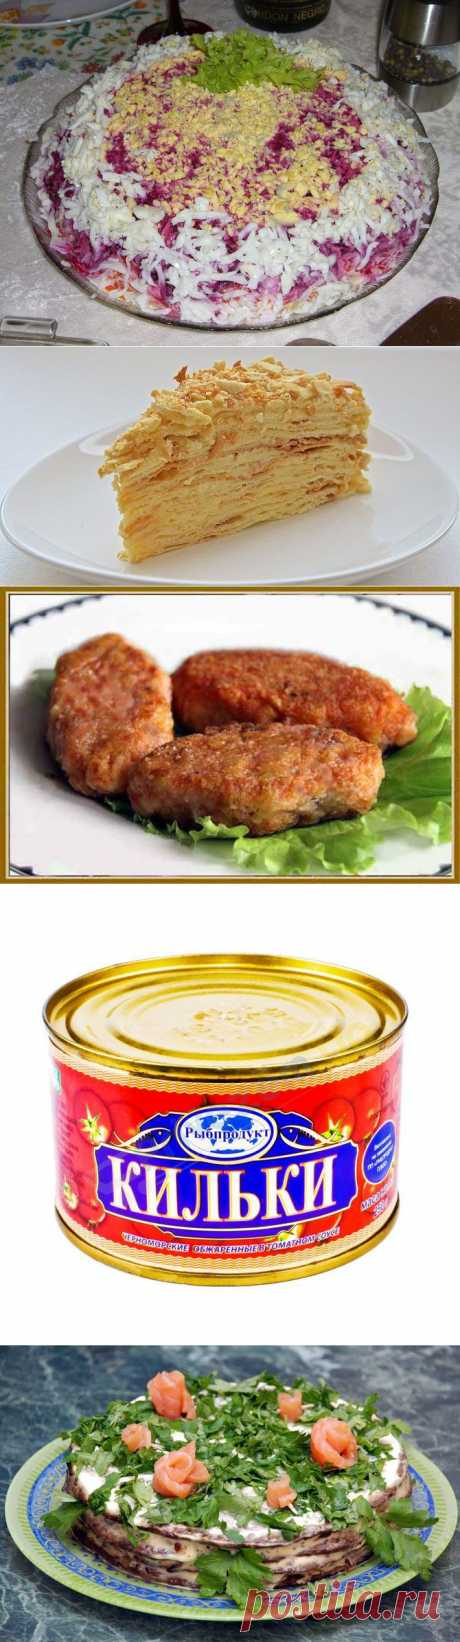 Самые популярные блюда советской кухни / Назад в СССР